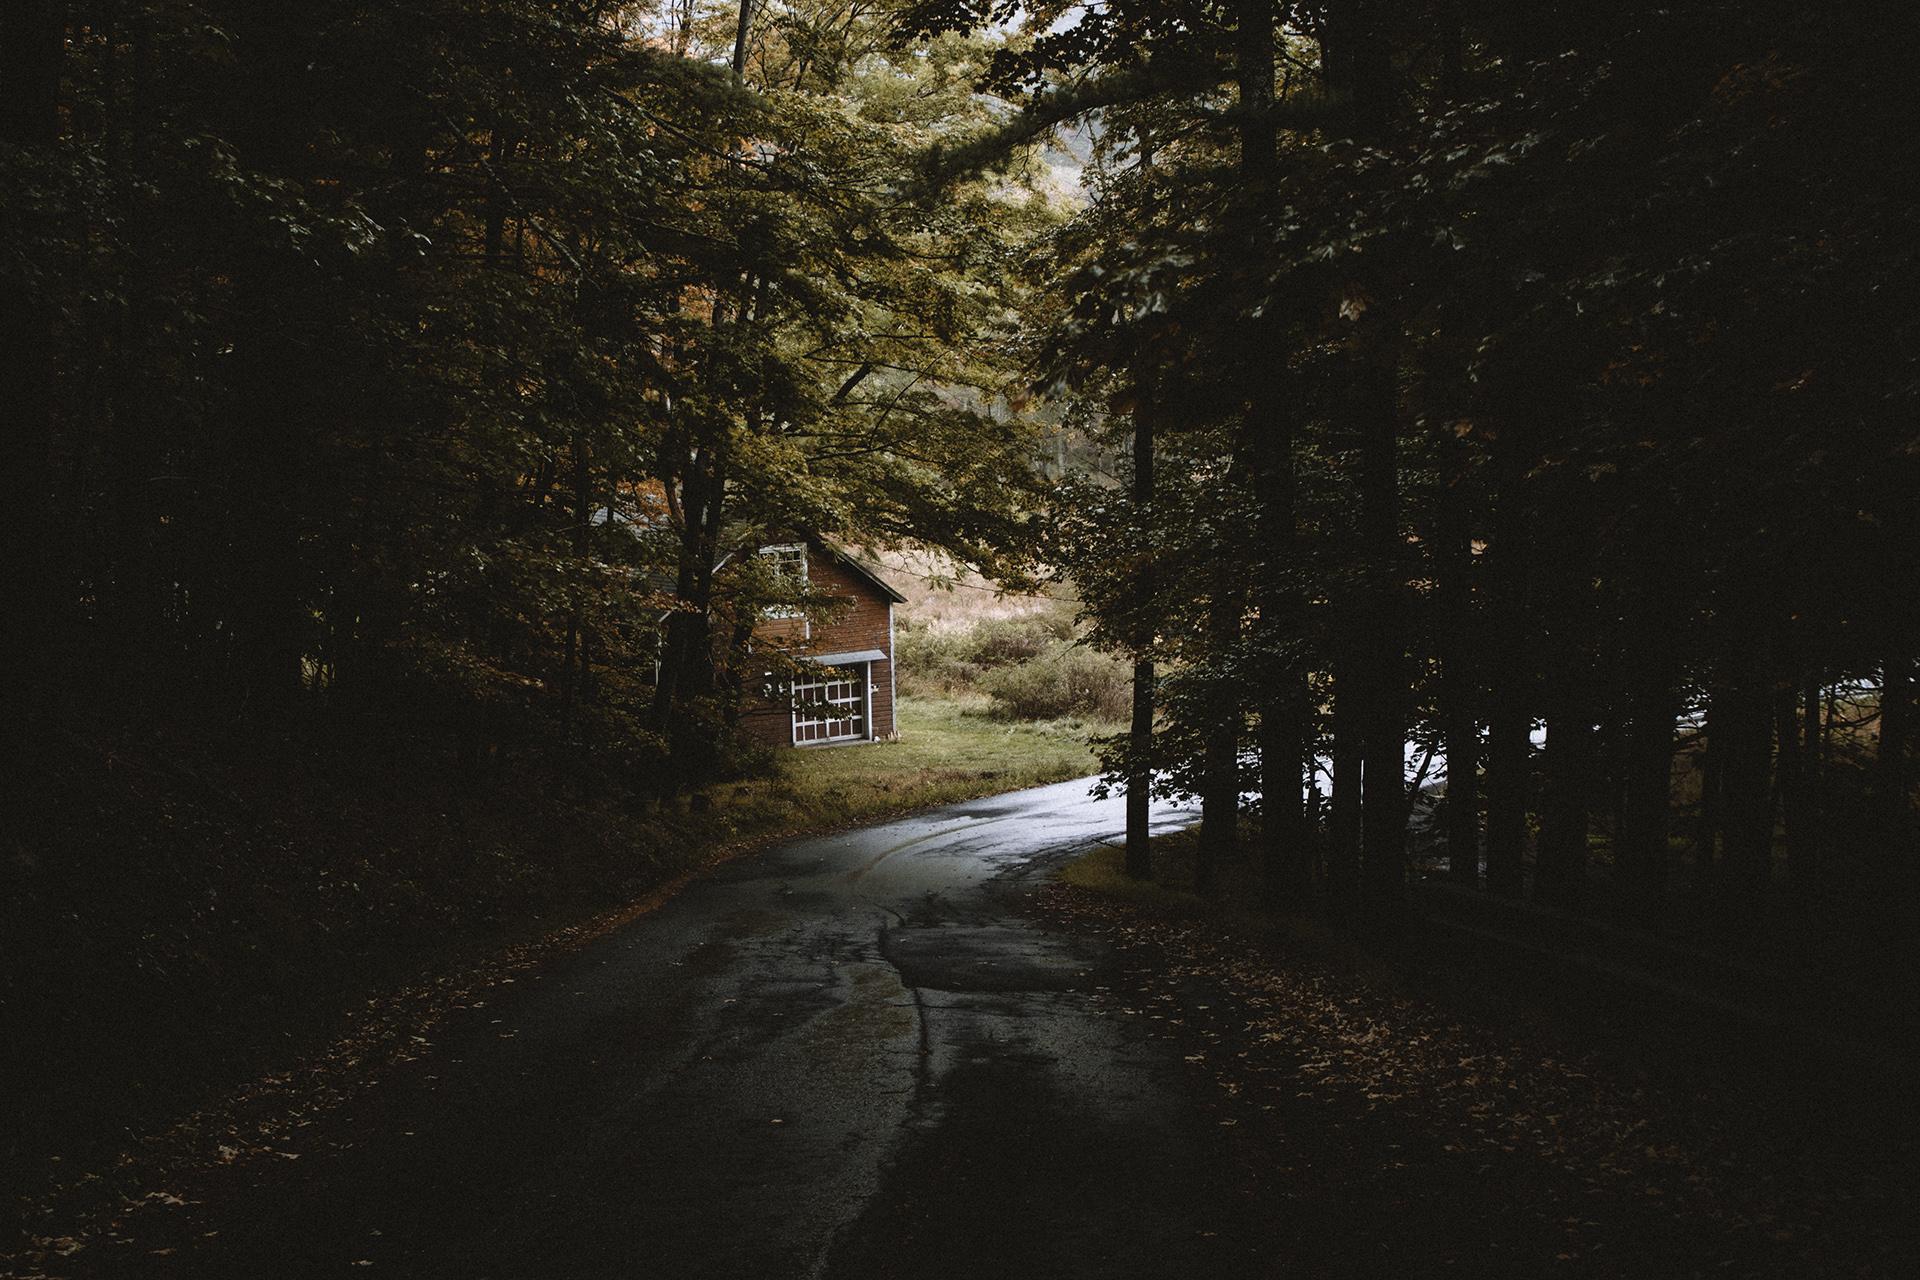 woodstockfall-16 copy.jpg